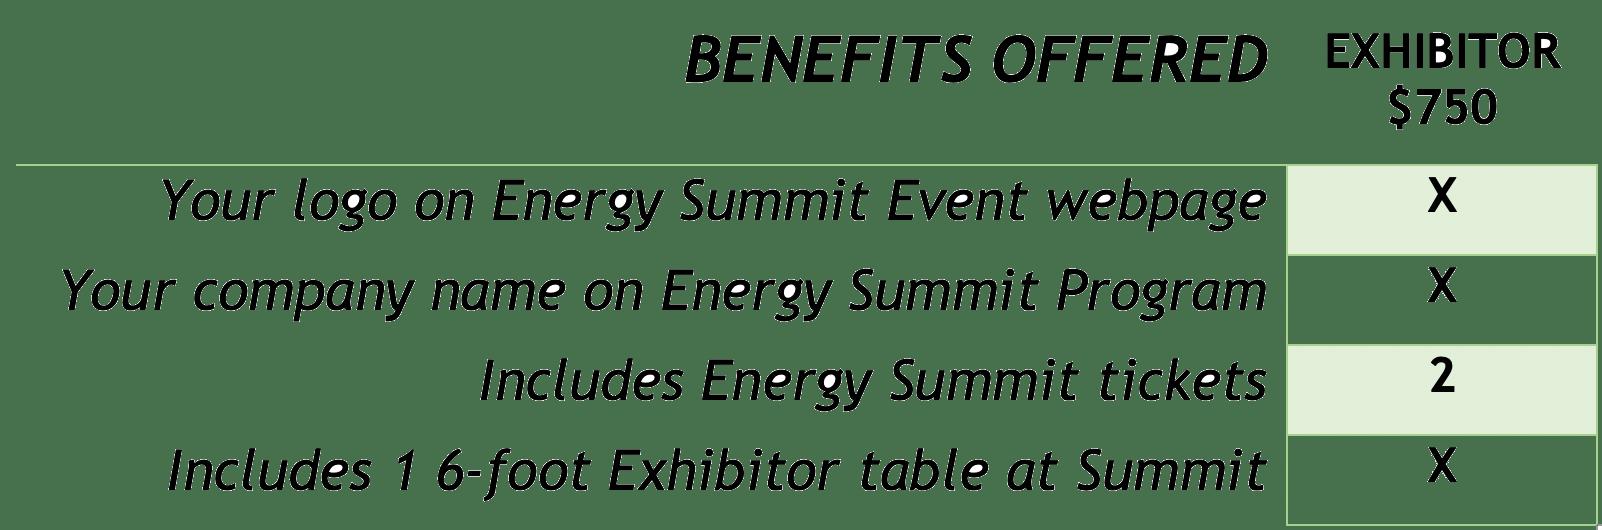 Exhibitor Benefits 2019